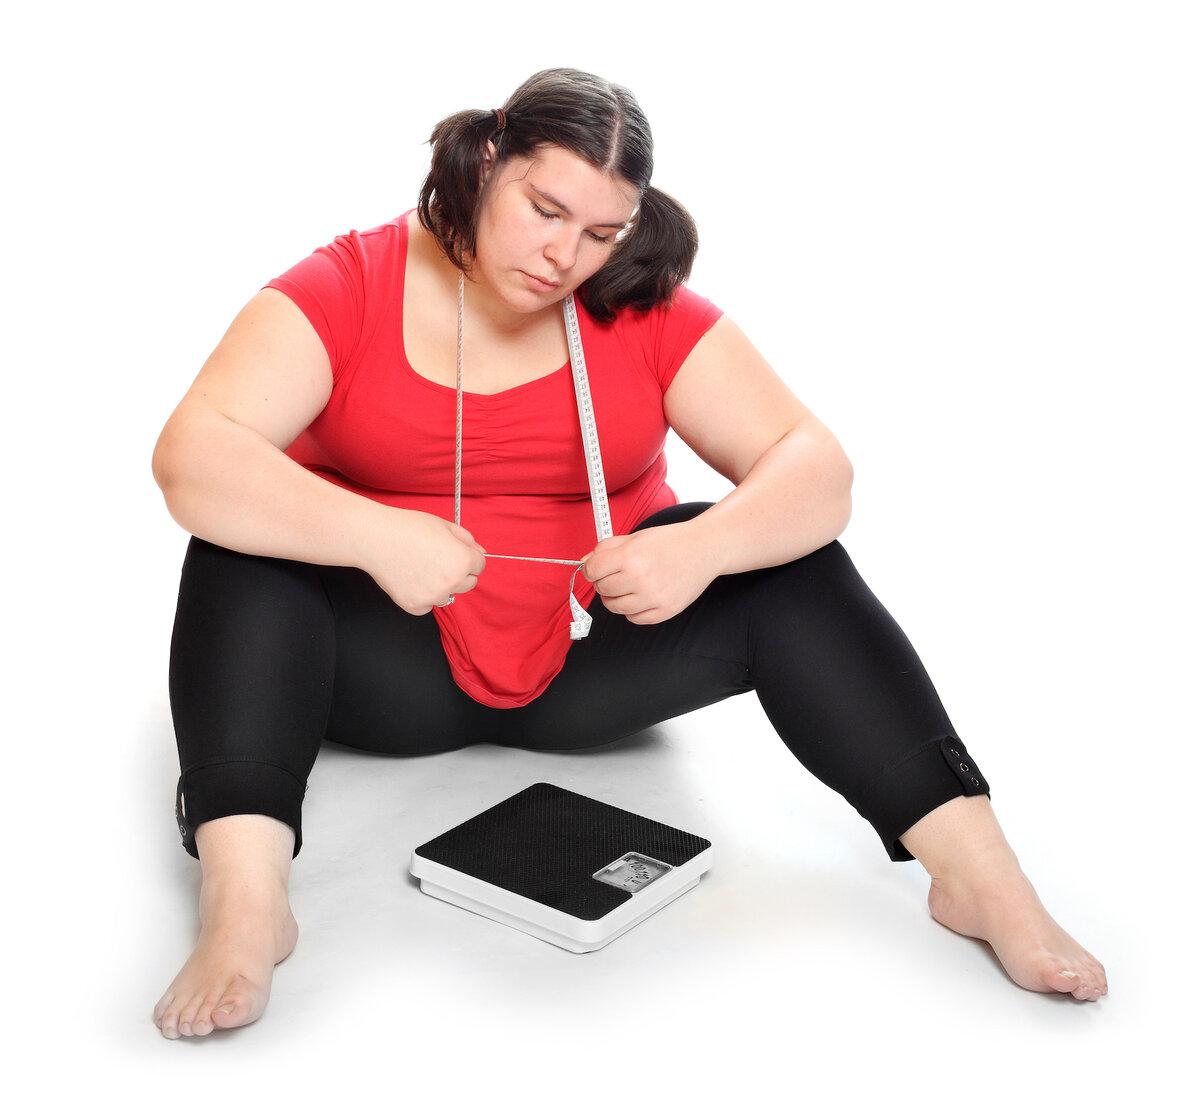 Поможем ребенку похудеть: режим питания и комплекс зарядки для сброса лишнего веса. упражнения для пресса